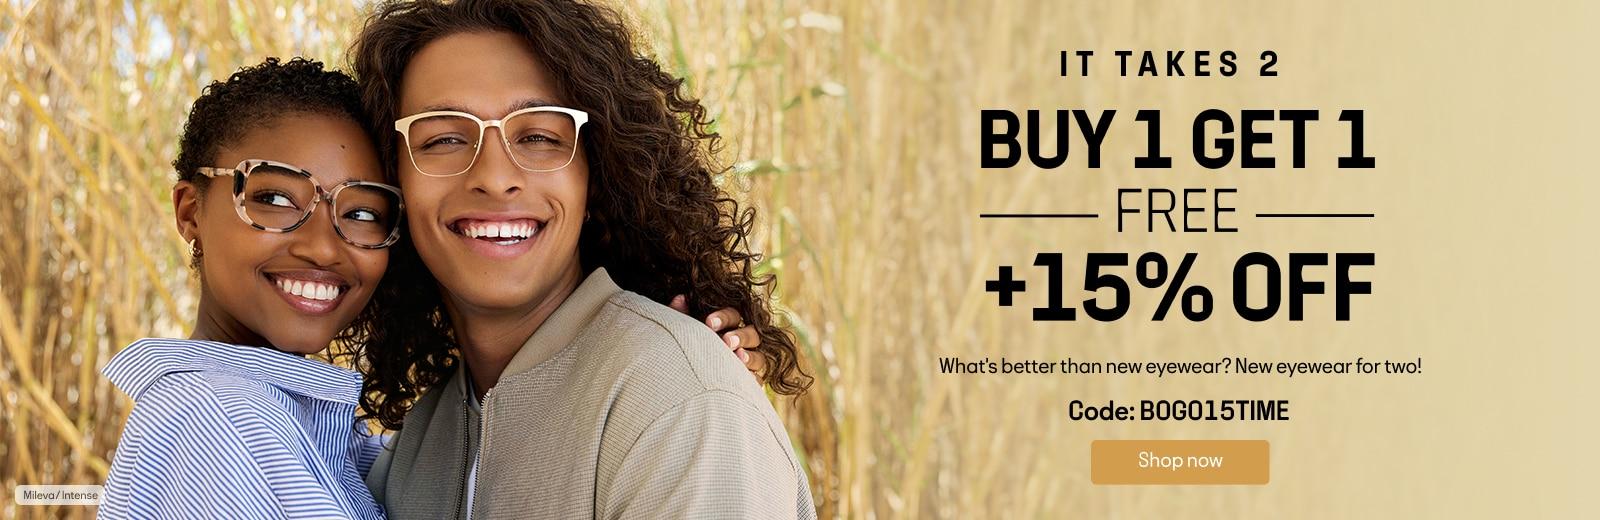 BUY 1 GET 1 FREE + 15% OFF code:BOGO15TIME